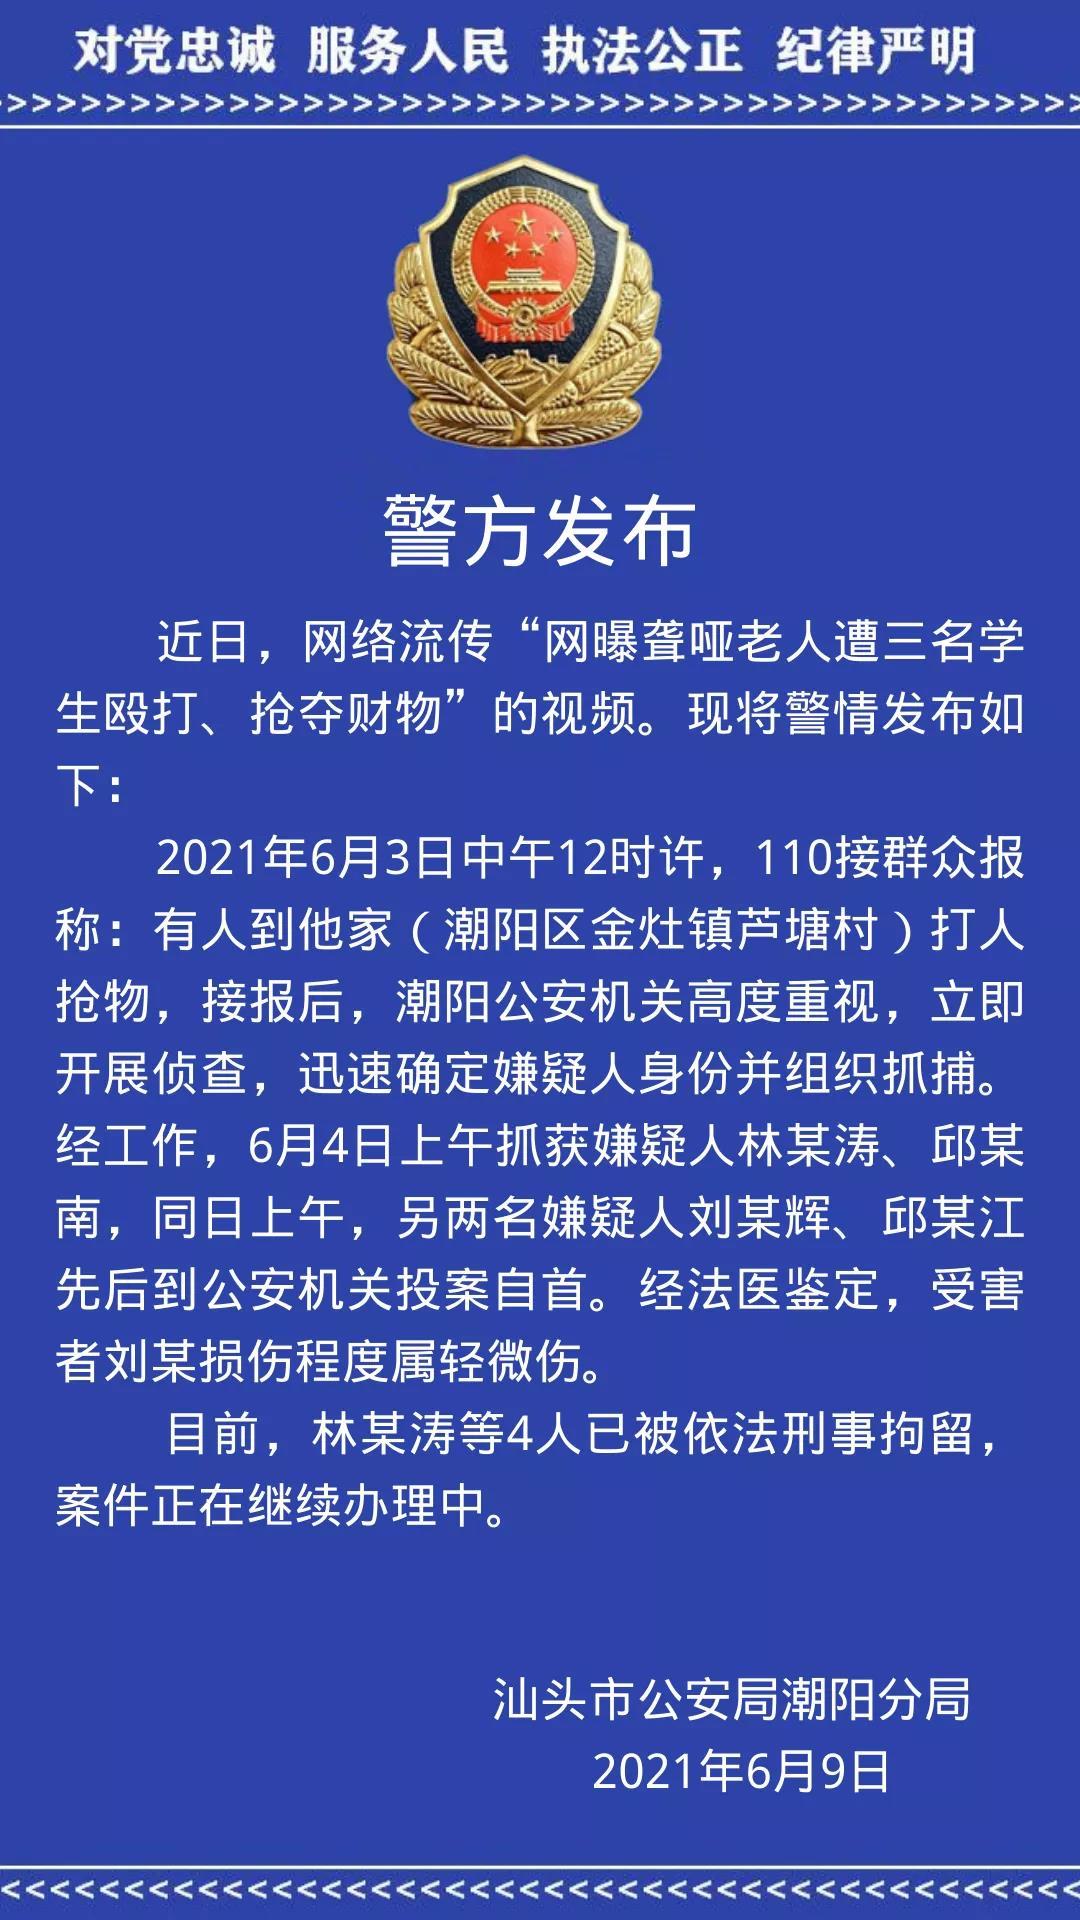 """汕头警方通报""""聋哑老人遭三学生入室殴打抢劫"""":已刑拘4人"""